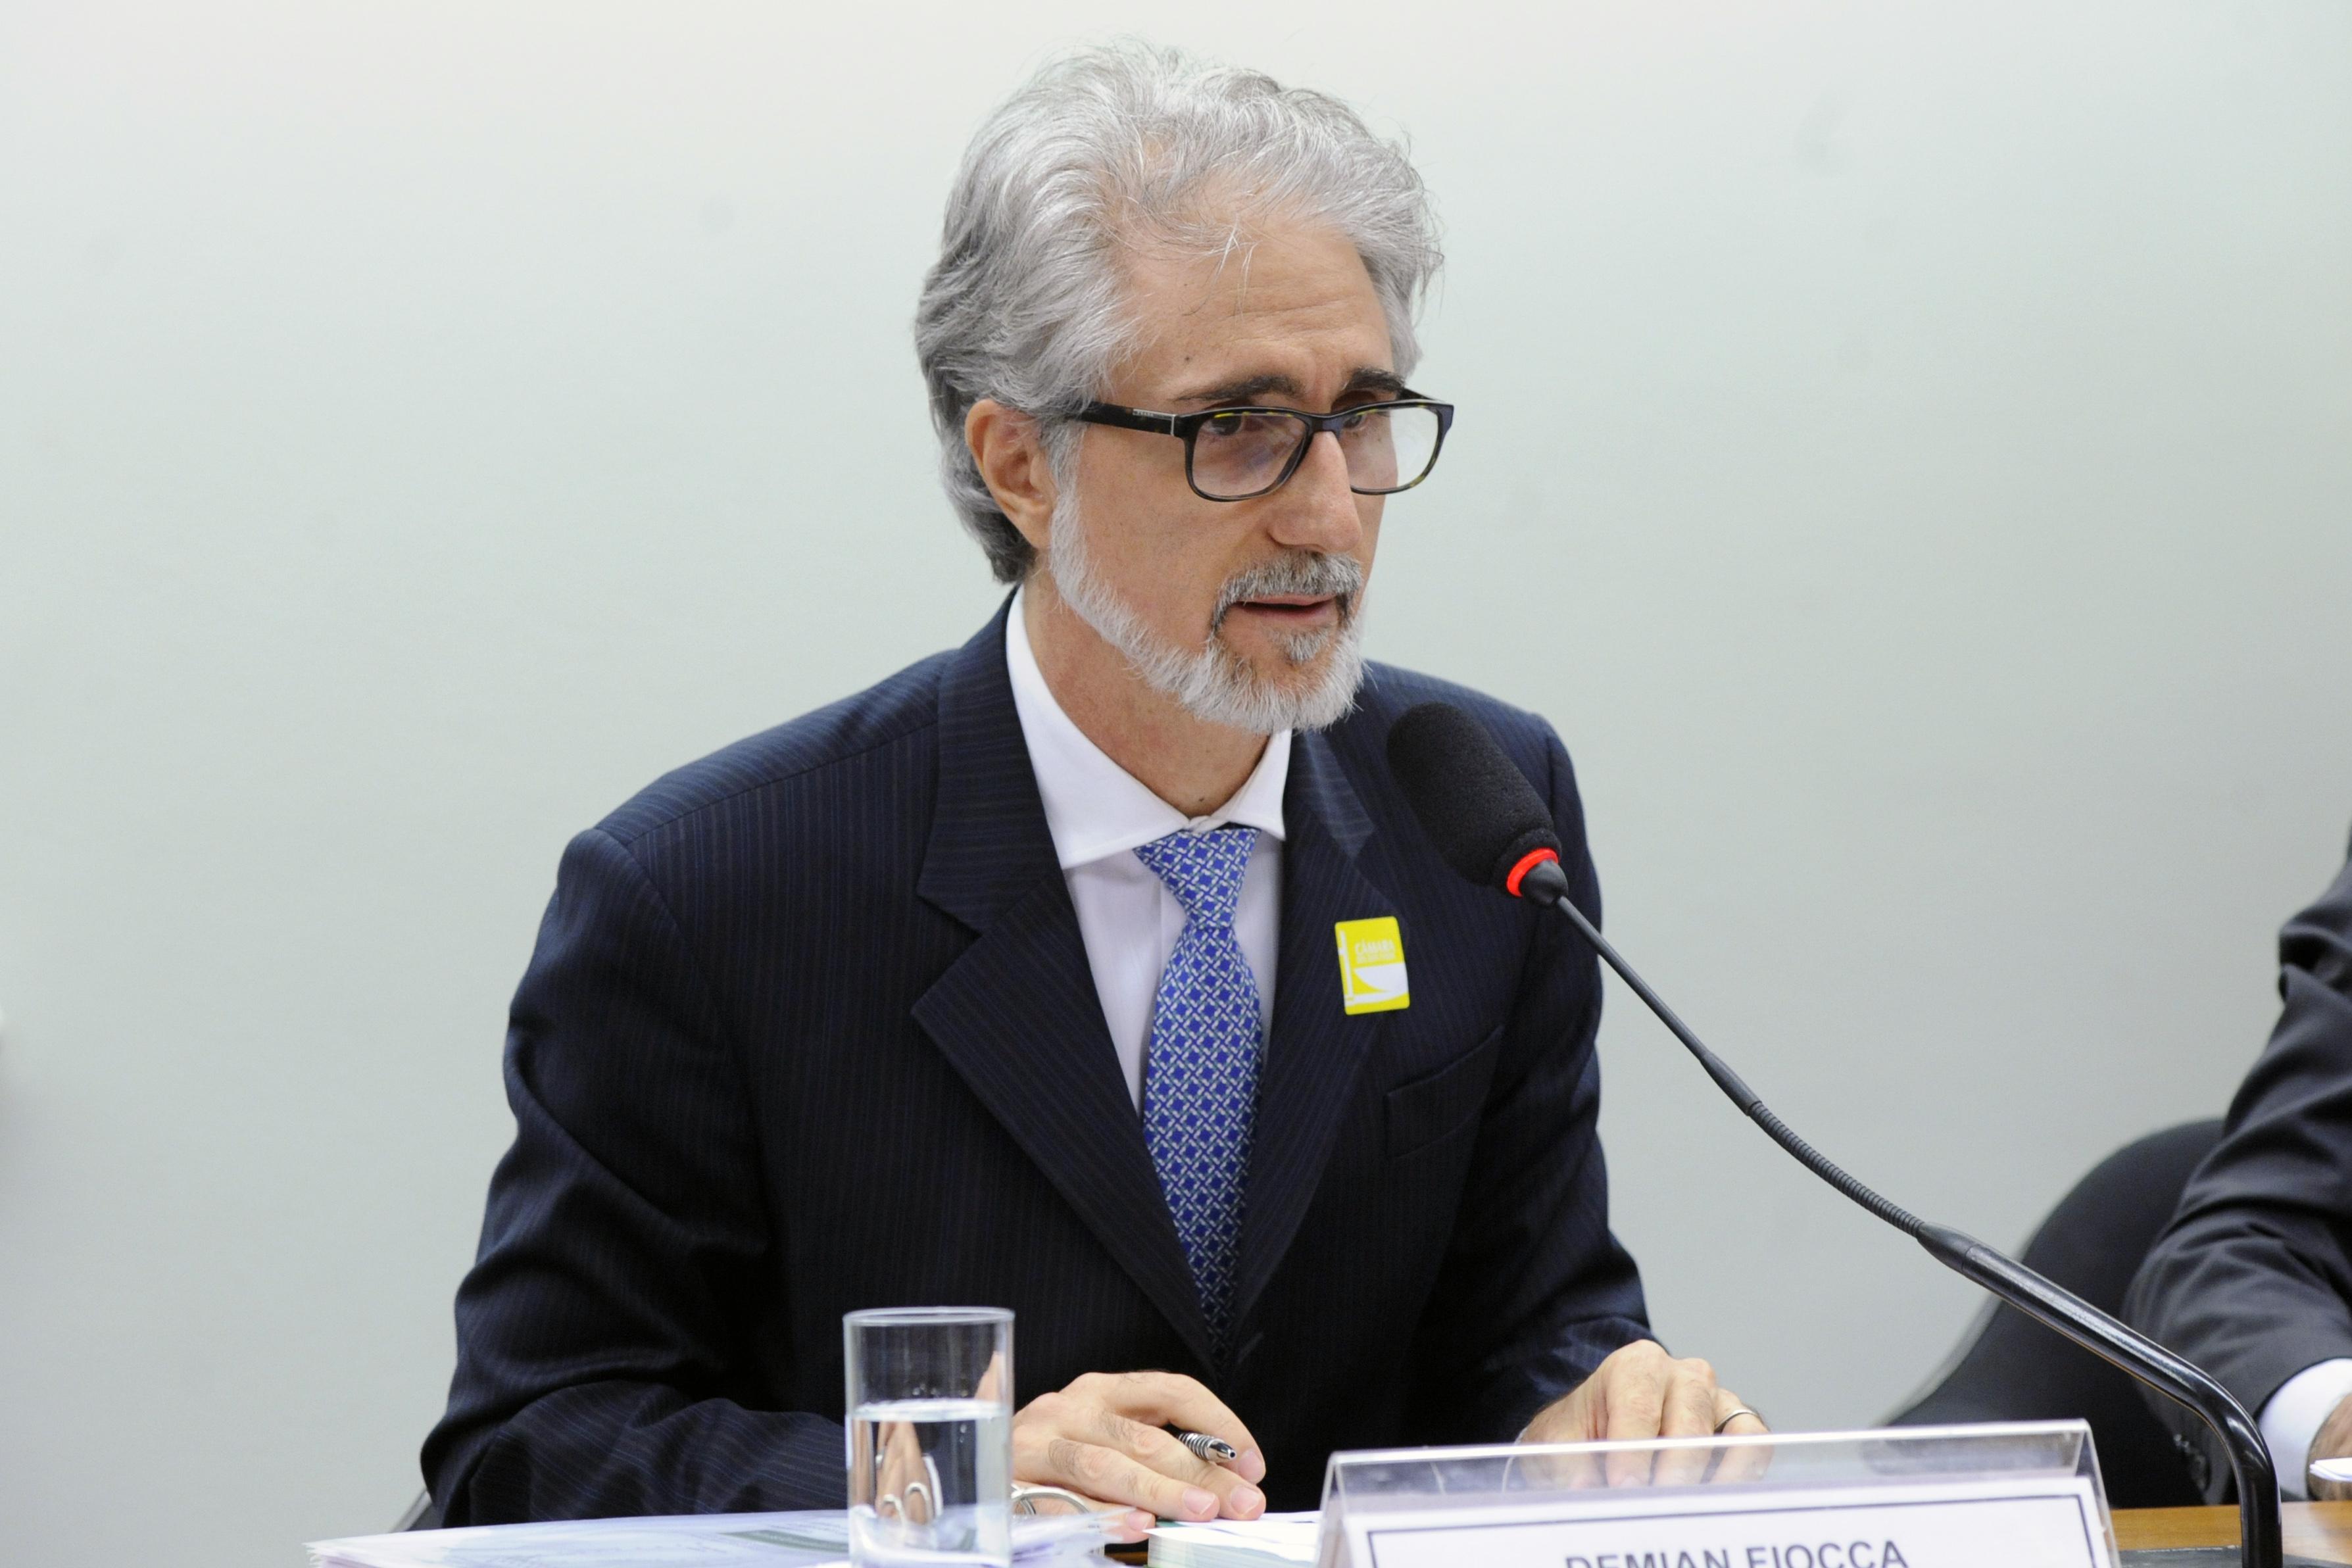 Reunião ordinária. Ex-Presidente do Banco Nacional de Desenvolvimento Econômico e Social - BNDES, DEMIAN FIOCCA